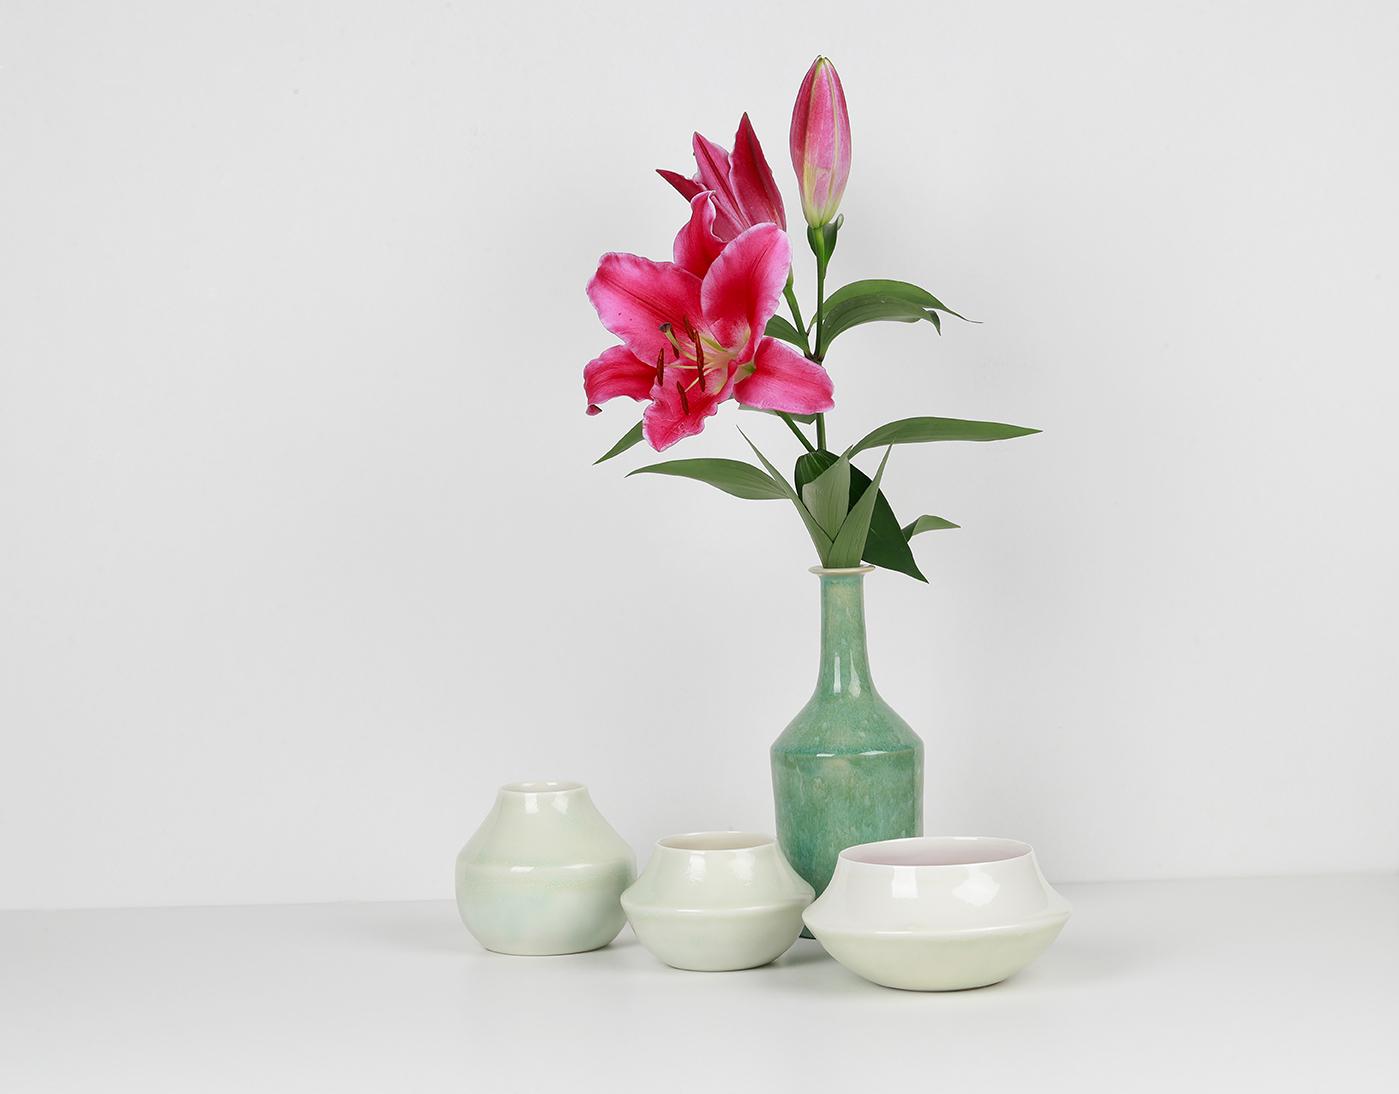 Composition de la collection LACTÉE - Émail vert foncé et vert clair - fleur de lys rose